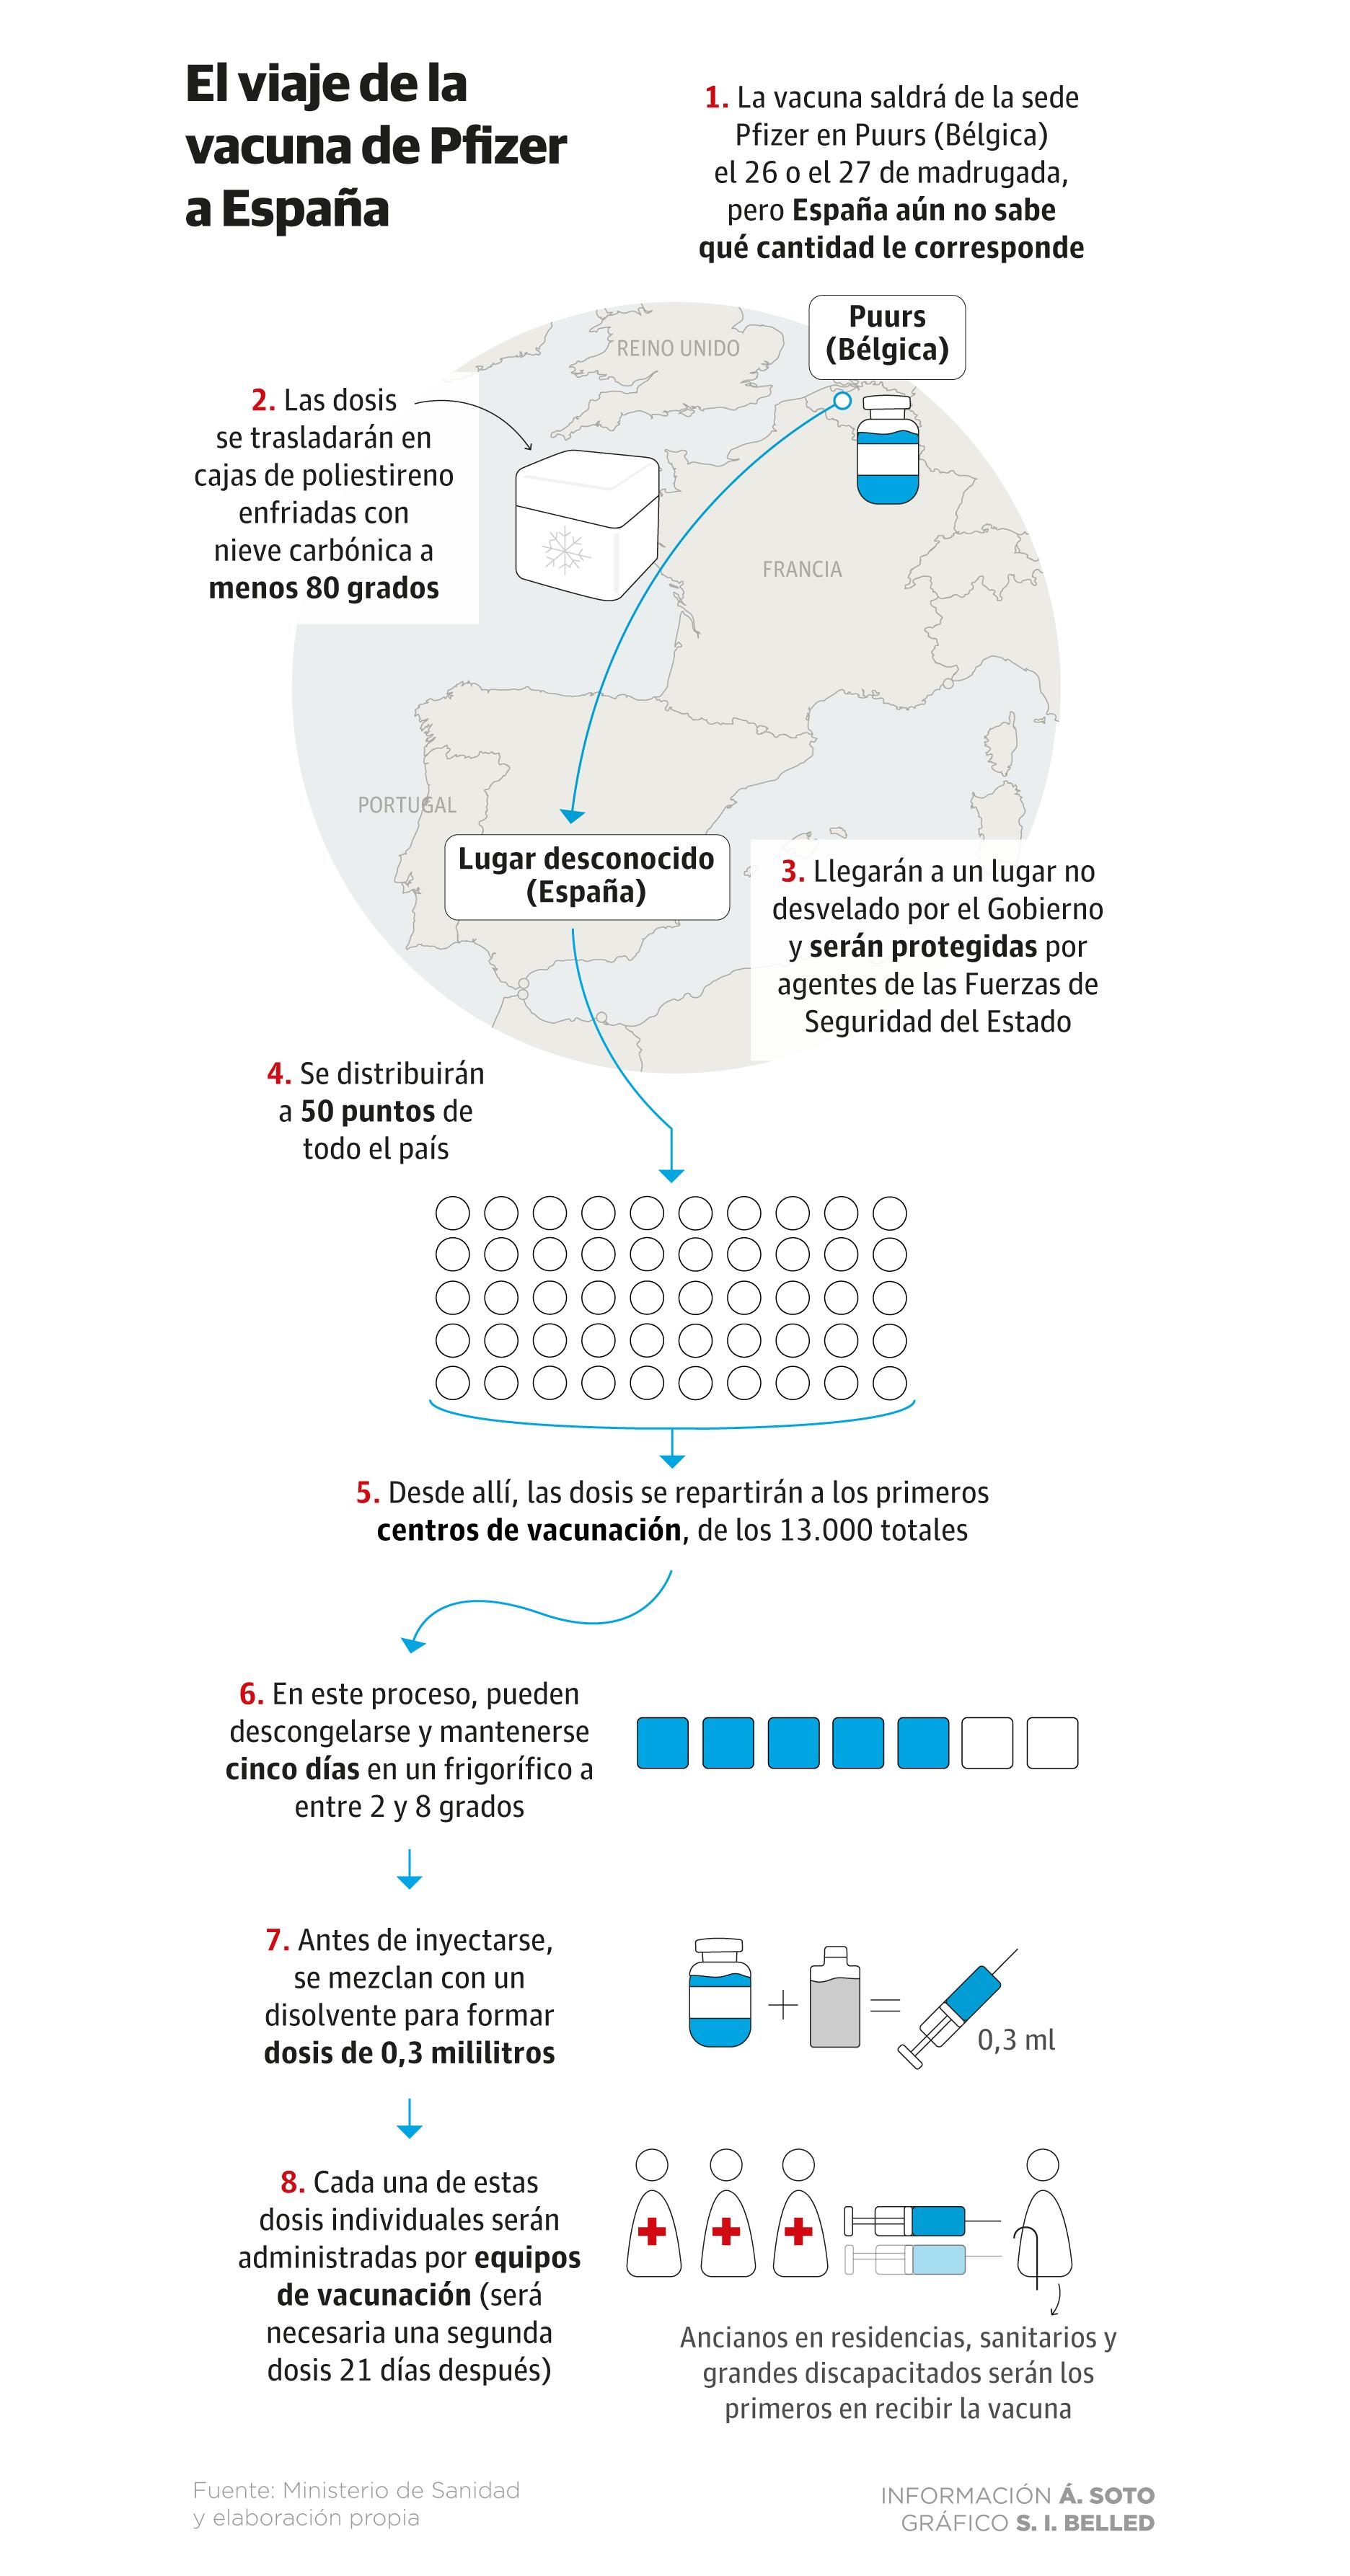 Illa anuncia que la vacunacion en España comenzara el domingo 27